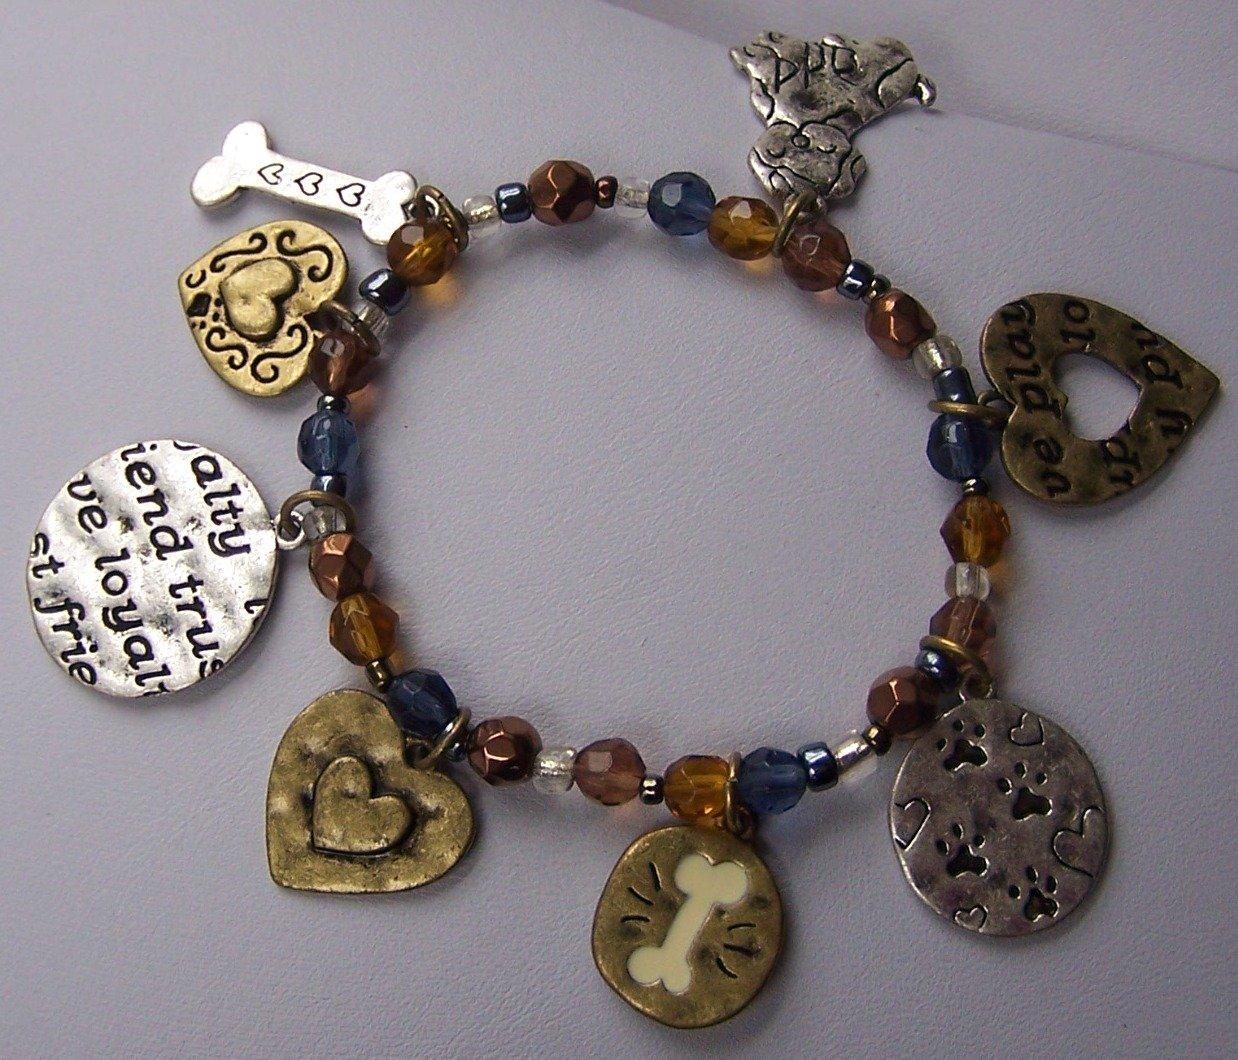 Blue Brown Dog Bone Loyalty Trust Friend Heart Charm Bracelet